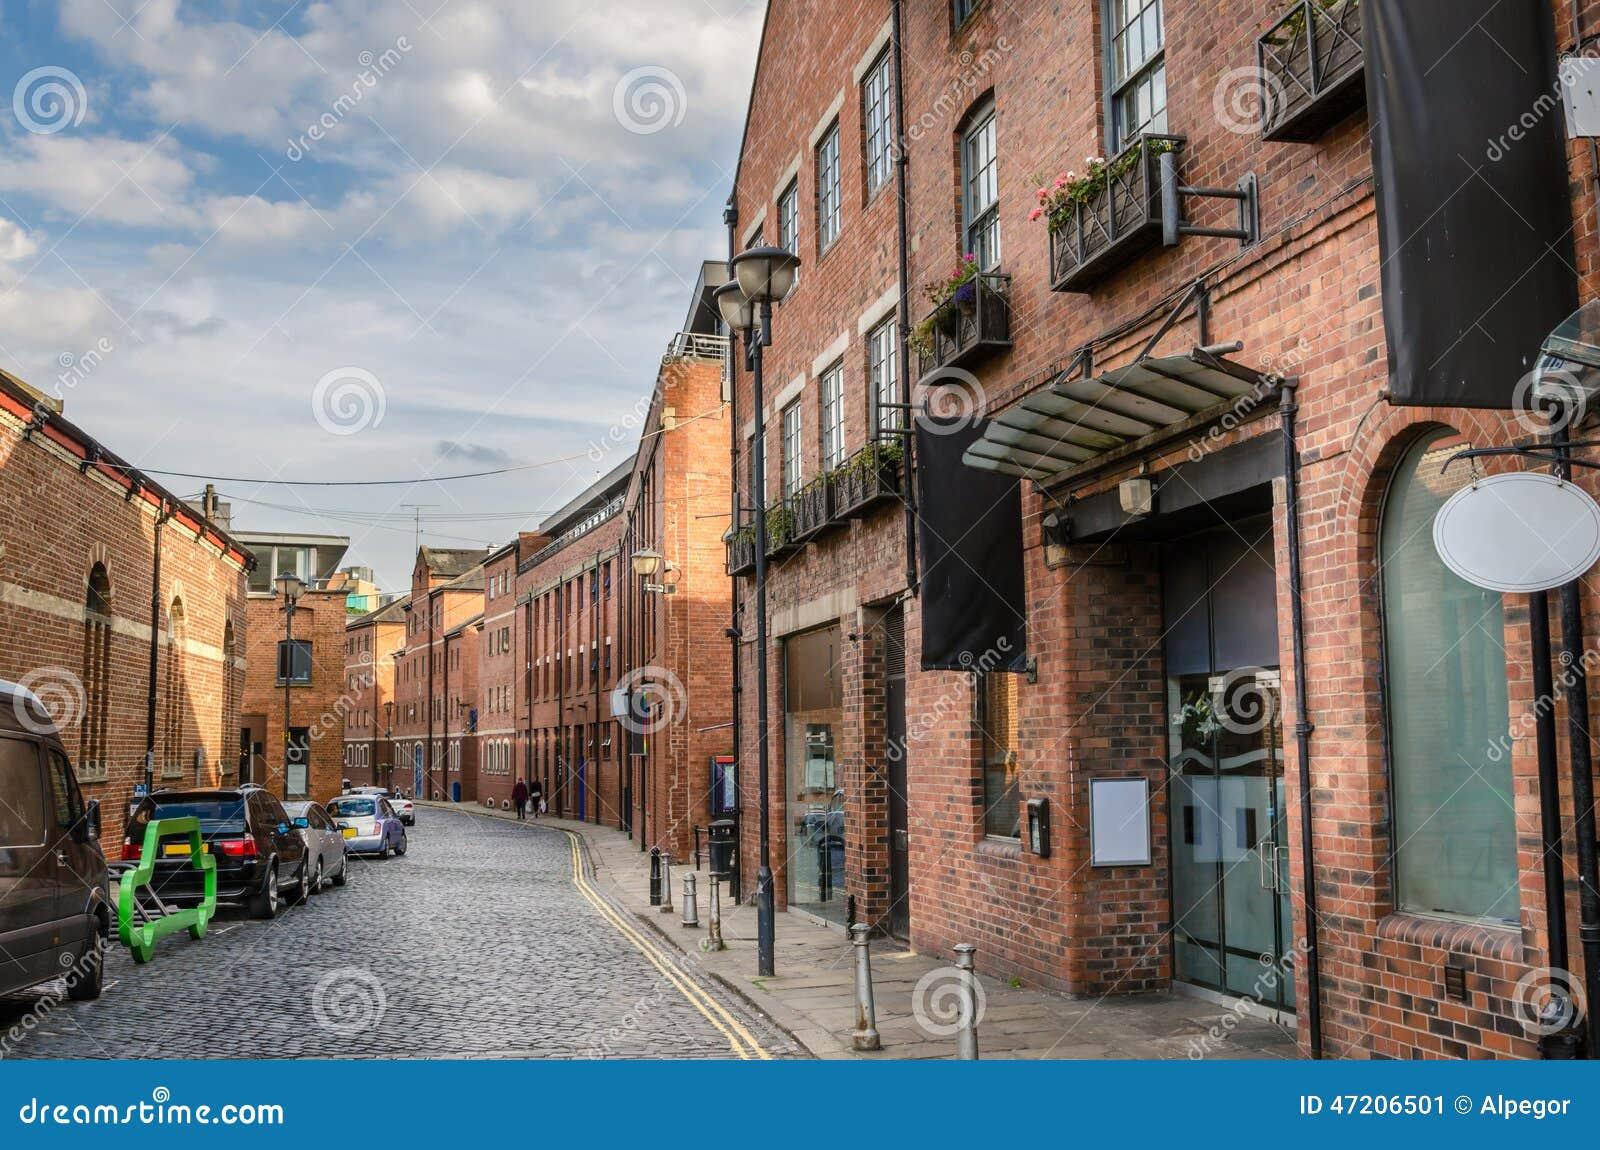 Cobbledstraat met Baksteengebouwen dat wordt gevoerd